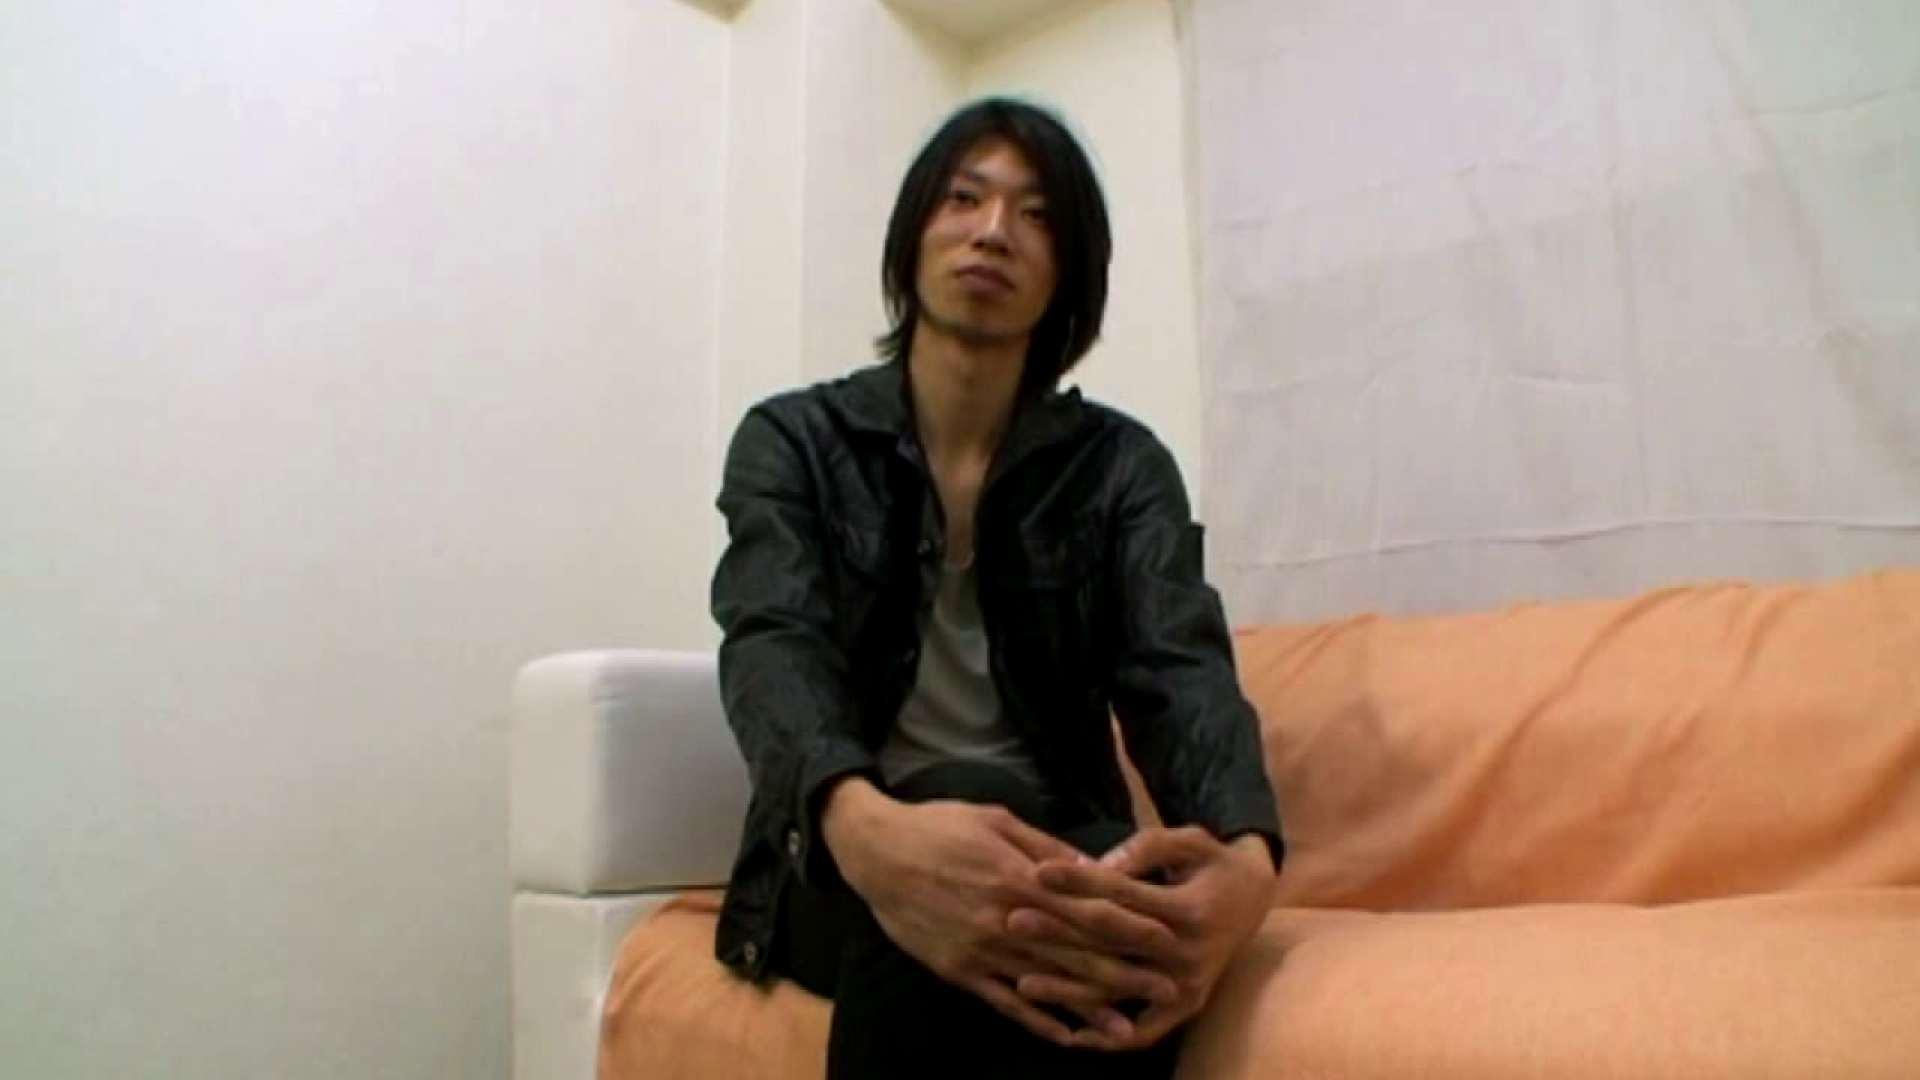 ノンケ!自慰スタジオ No.36 ノンケ  68pic 26